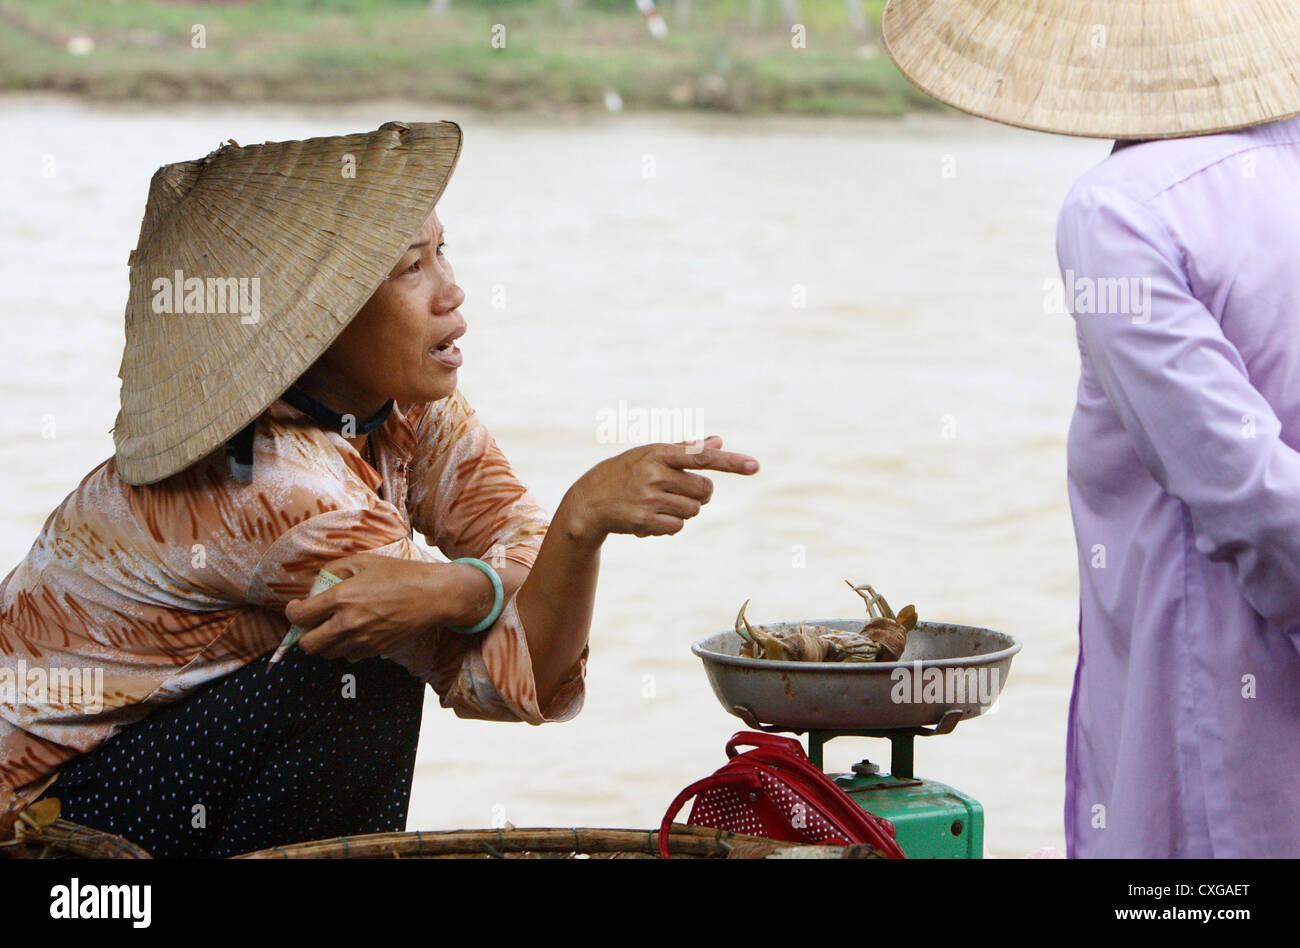 53974dd9294 Fish Market Danang Vietnam Stock Photos   Fish Market Danang Vietnam ...